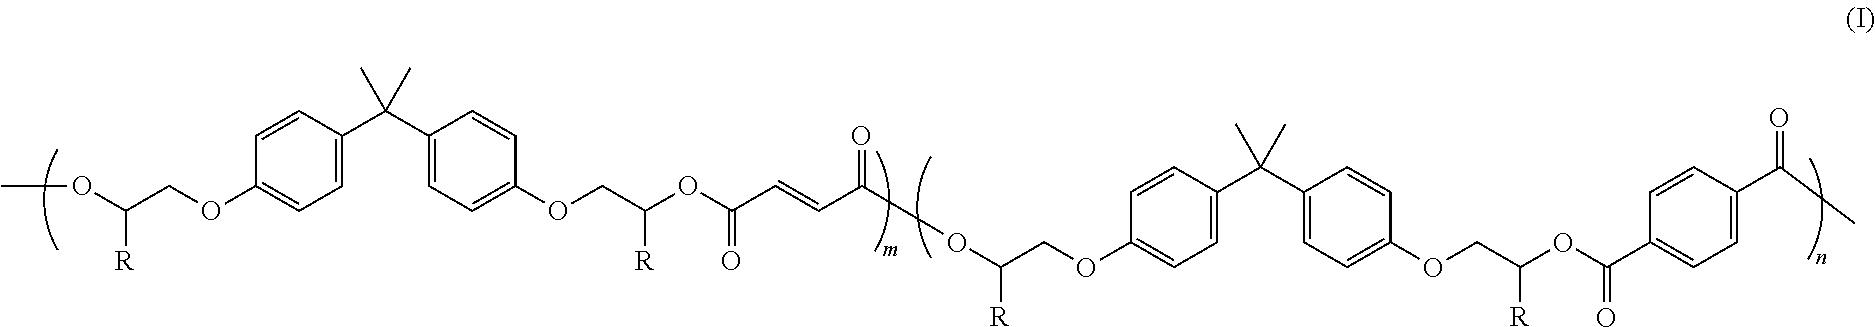 Figure US20110217647A1-20110908-C00006